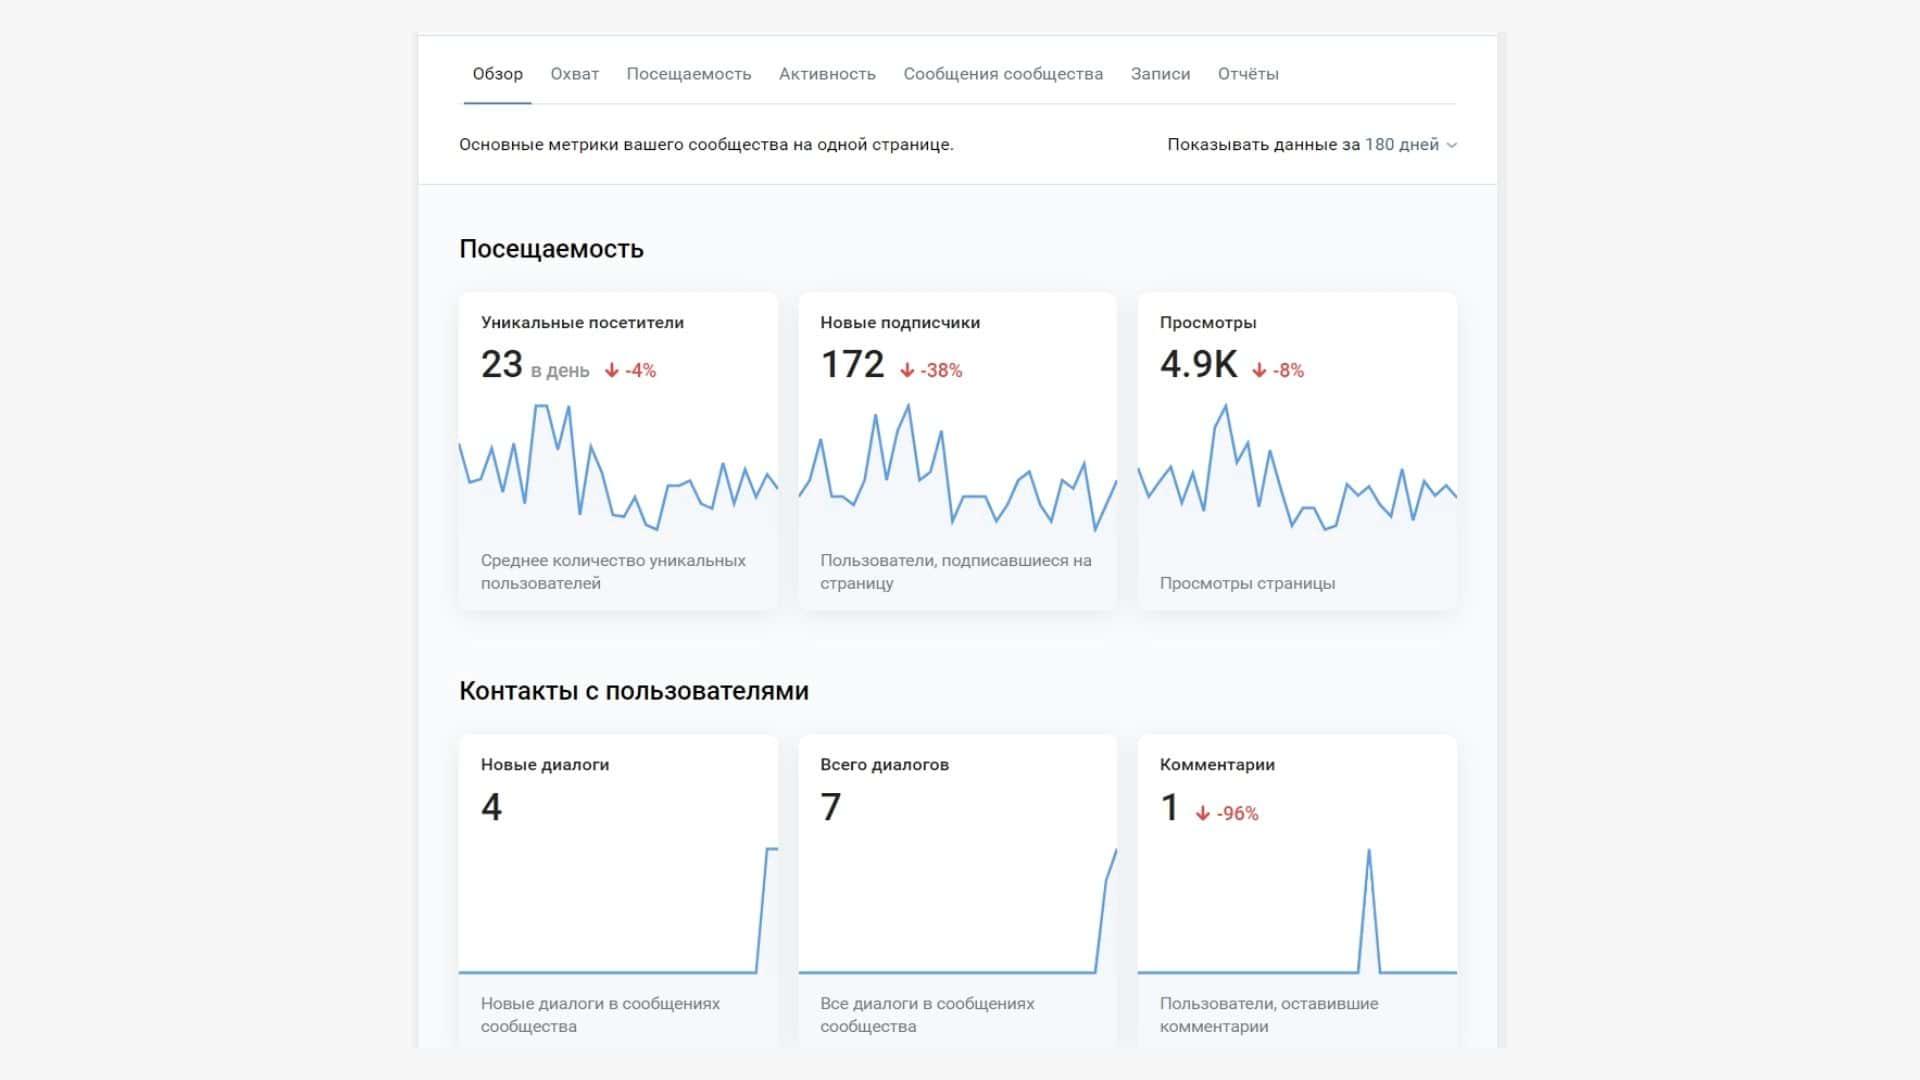 Как посмотреть всю статистику группы во ВКонтакте